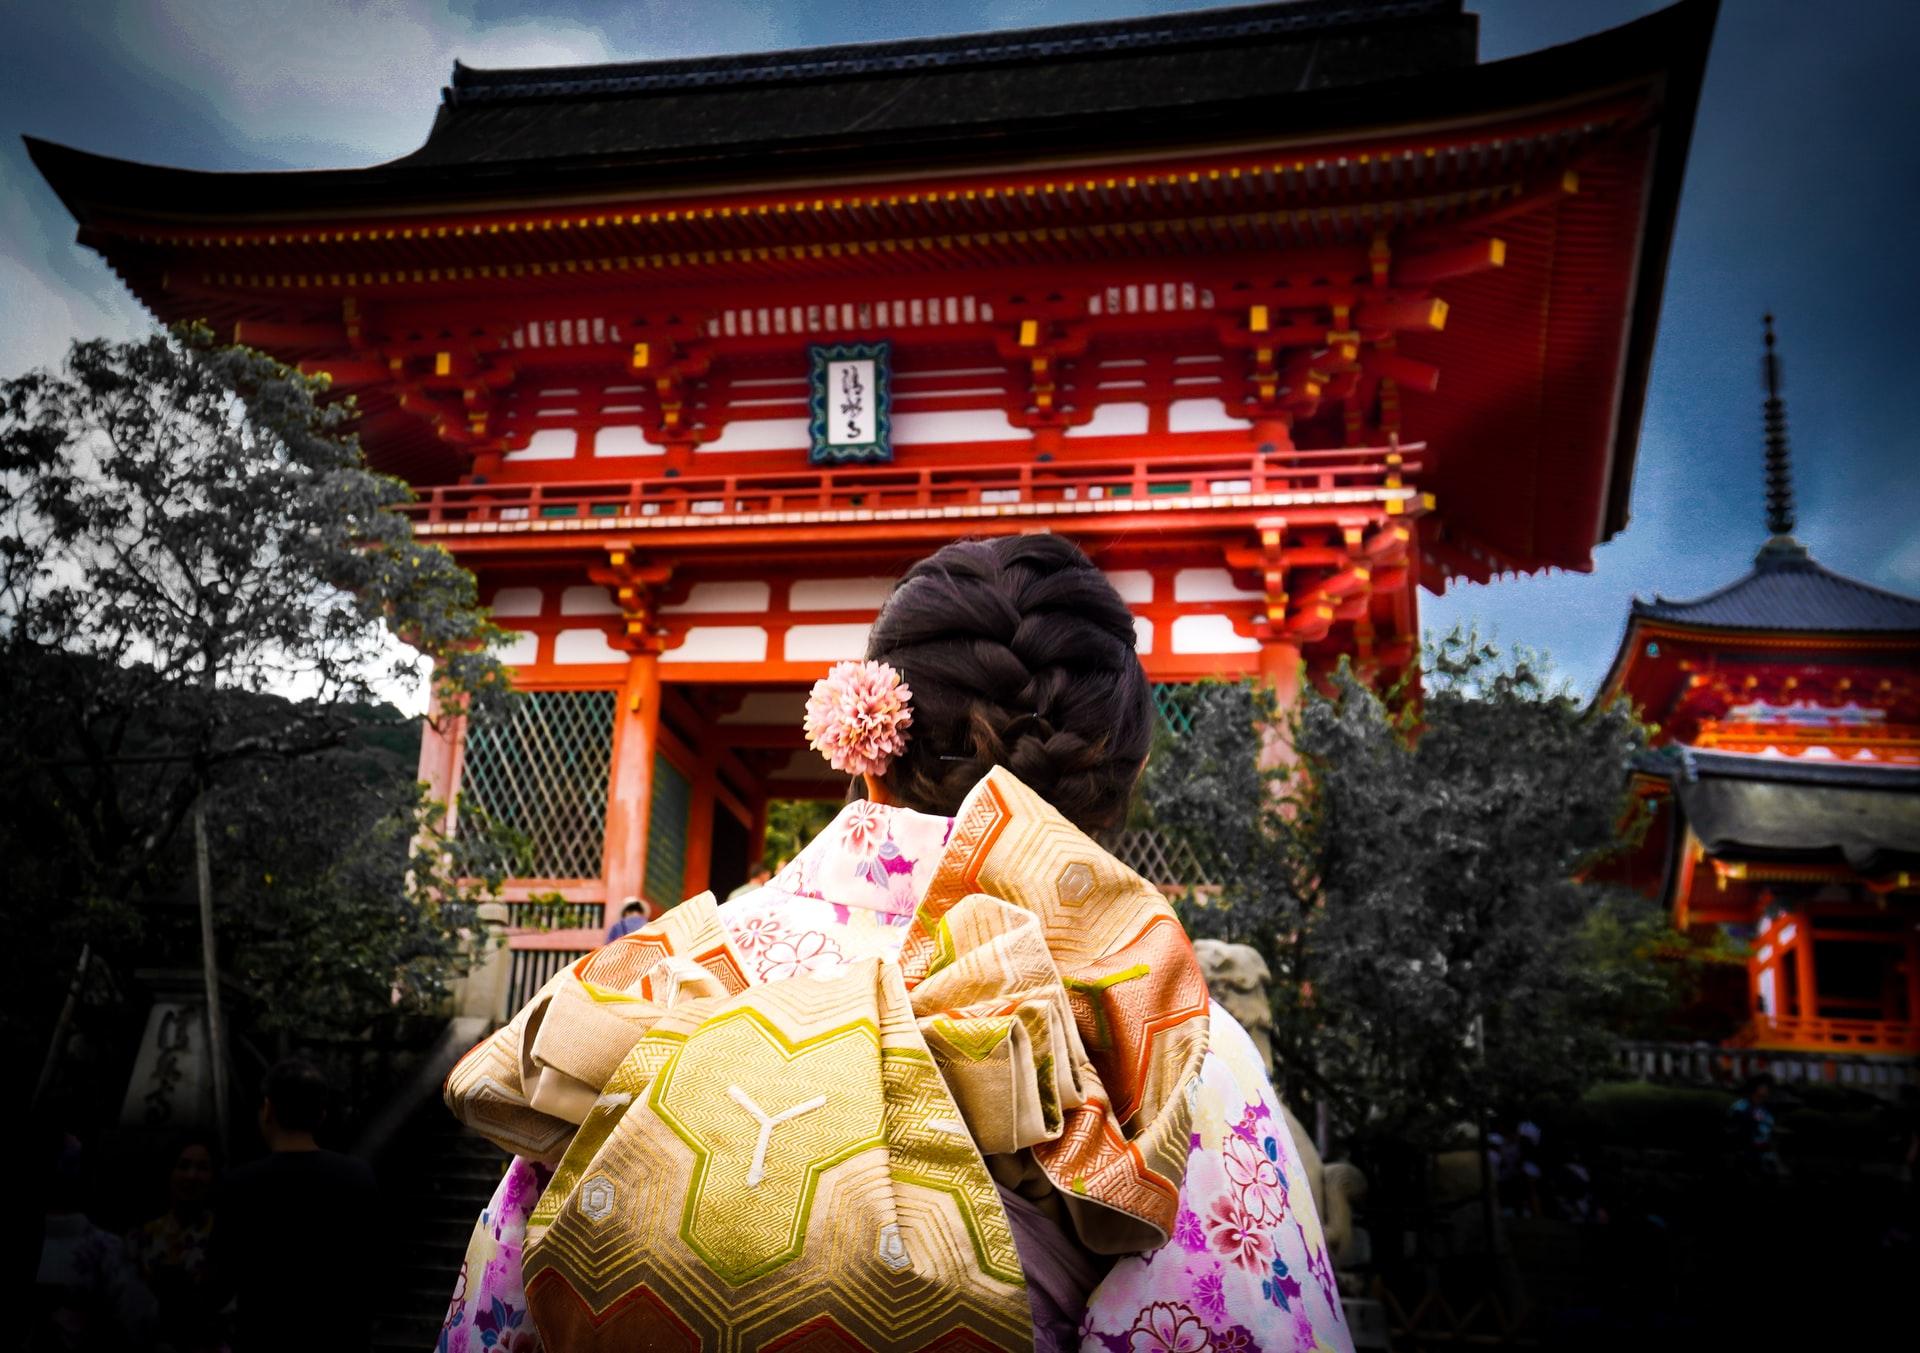 【京都で縁結び】片思いや婚活&復縁でも願いが叶う!京都の縁結び神社仏閣パワースポット